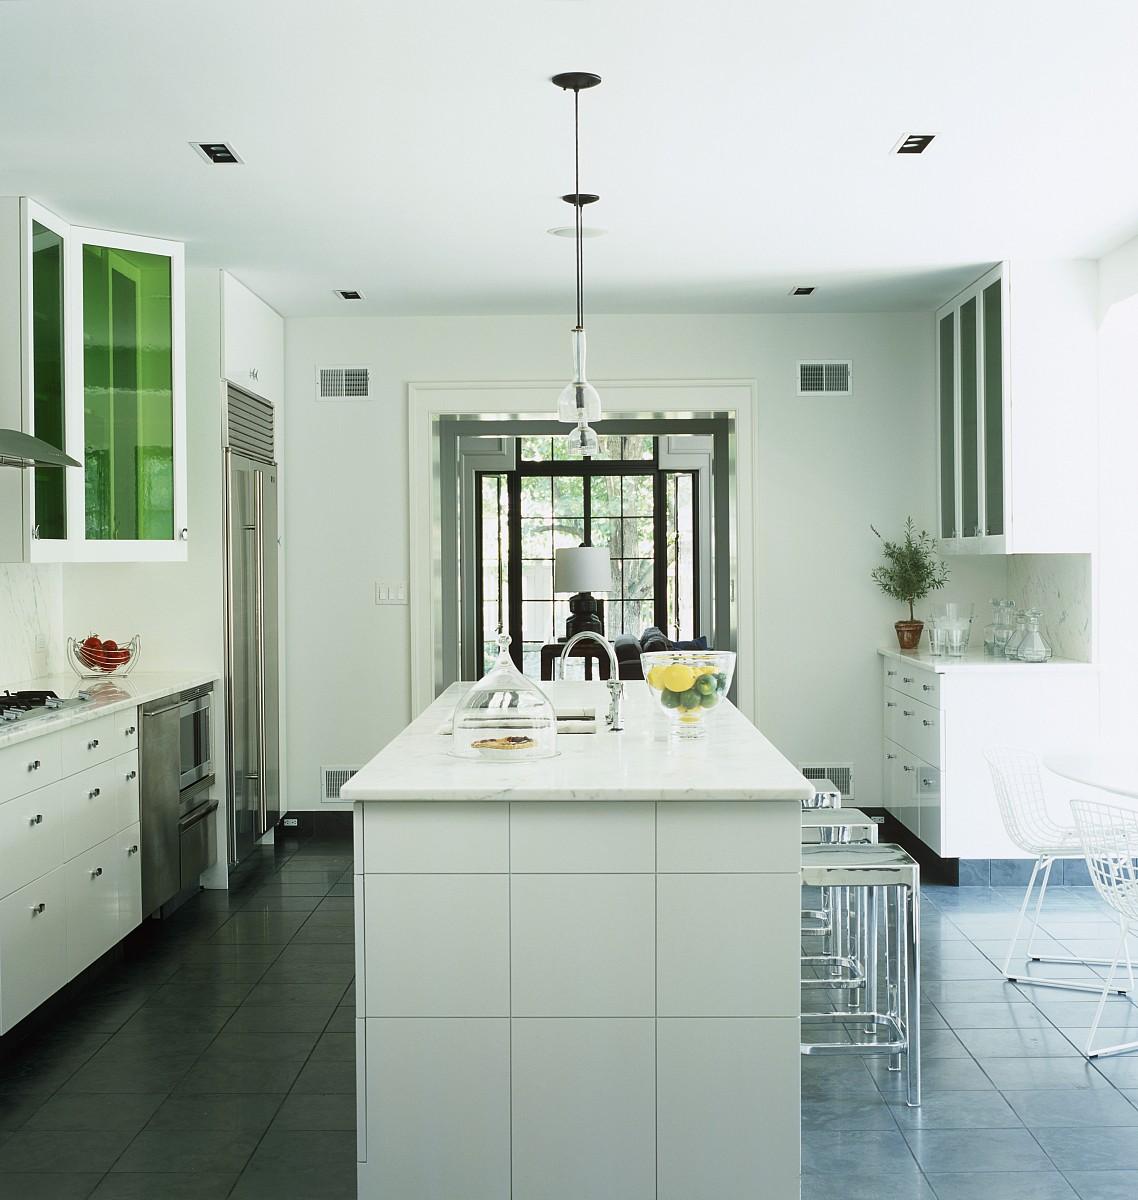 大厨房/餐厅是由一个中央瓦岛点燃吊灯为主图片